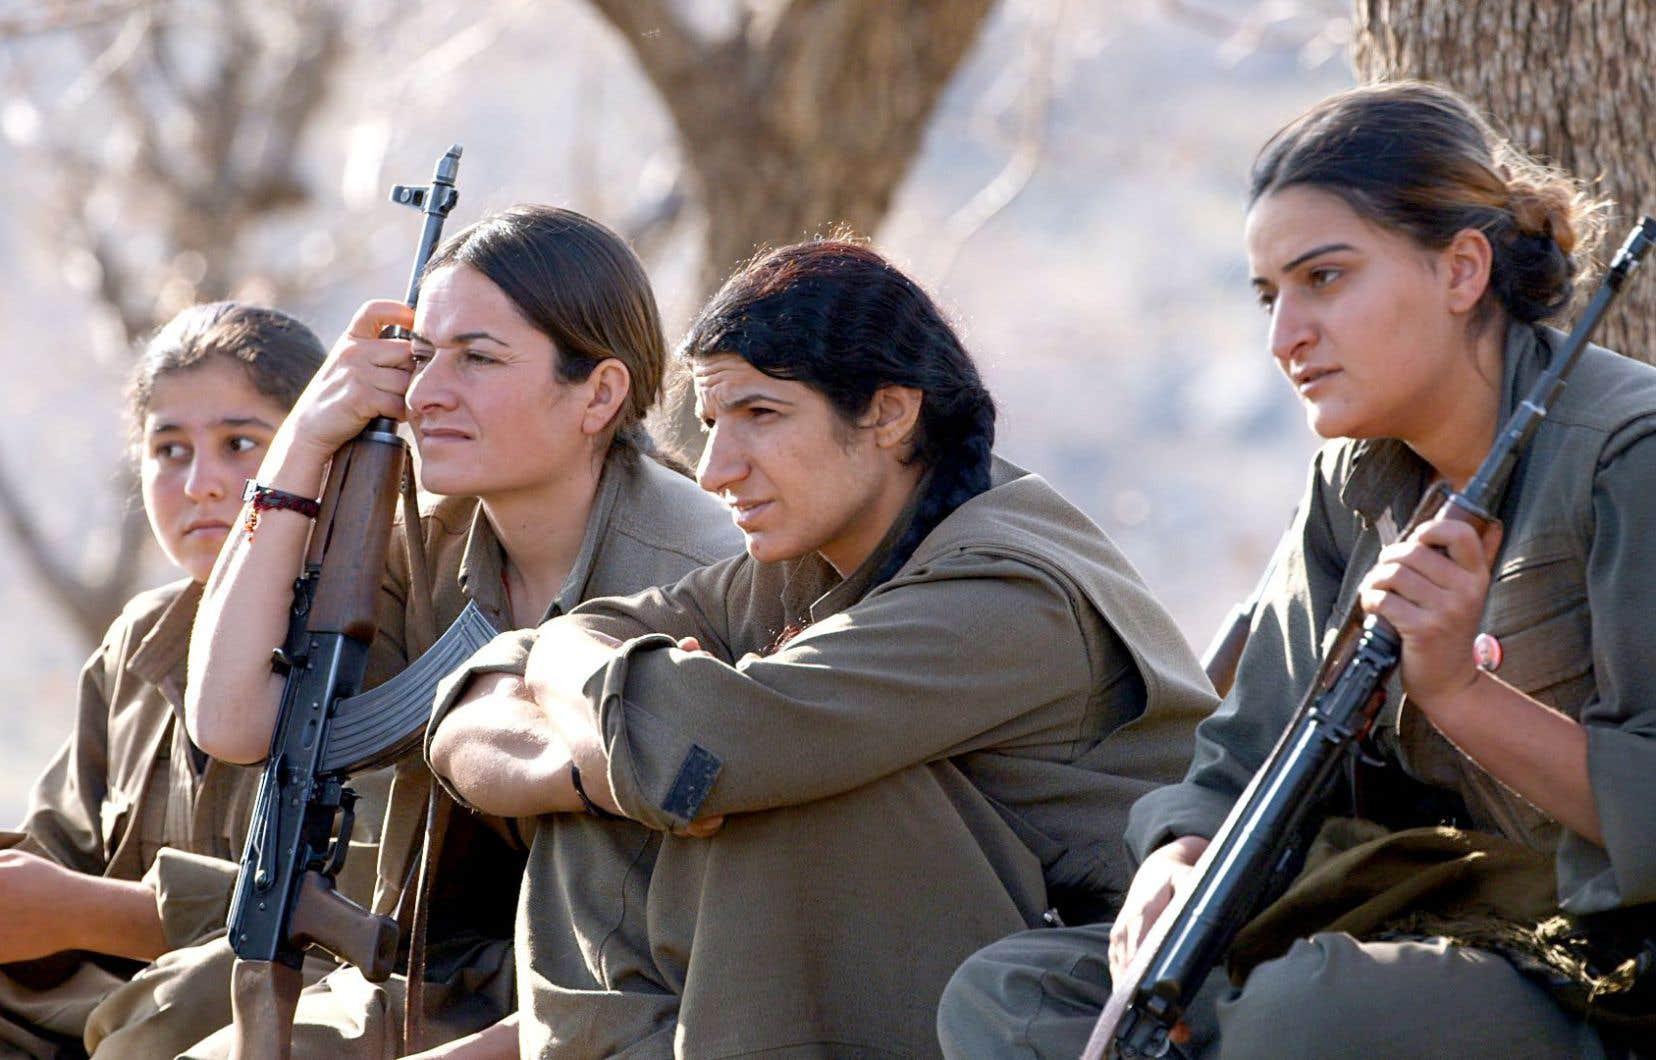 Le PKK, considéré comme une organisation terroriste par plusieurs pays, dont le Canada, entraîne plusieurs femmes pour combattre le groupe État islamique.